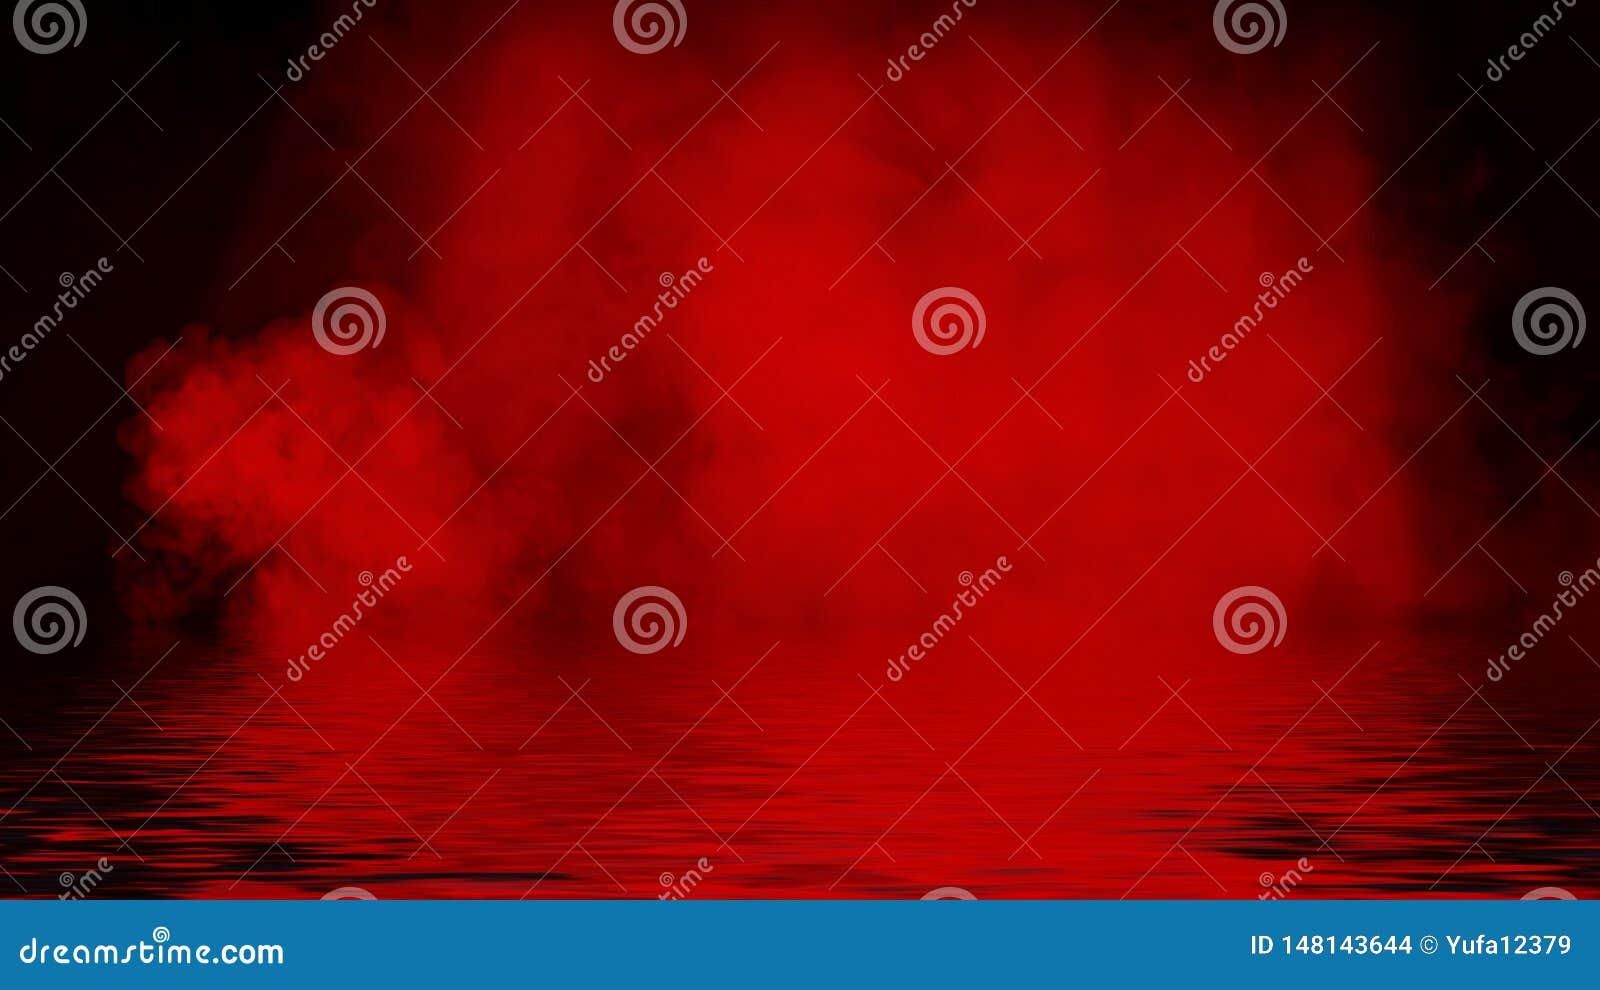 Proyector rojo del humo con la reflexi?n en agua La textura de la niebla del misterio sobrepone el fondo